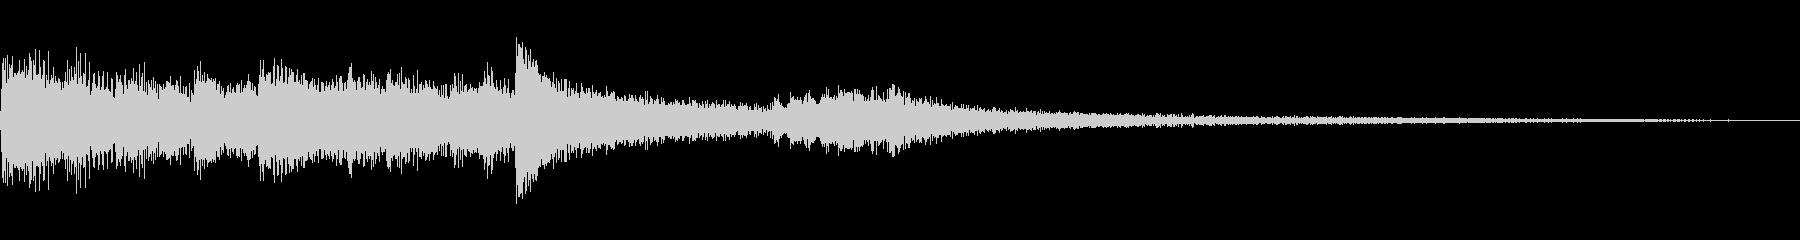 サウンドロゴ・流麗・優雅・高級感・ピアノの未再生の波形